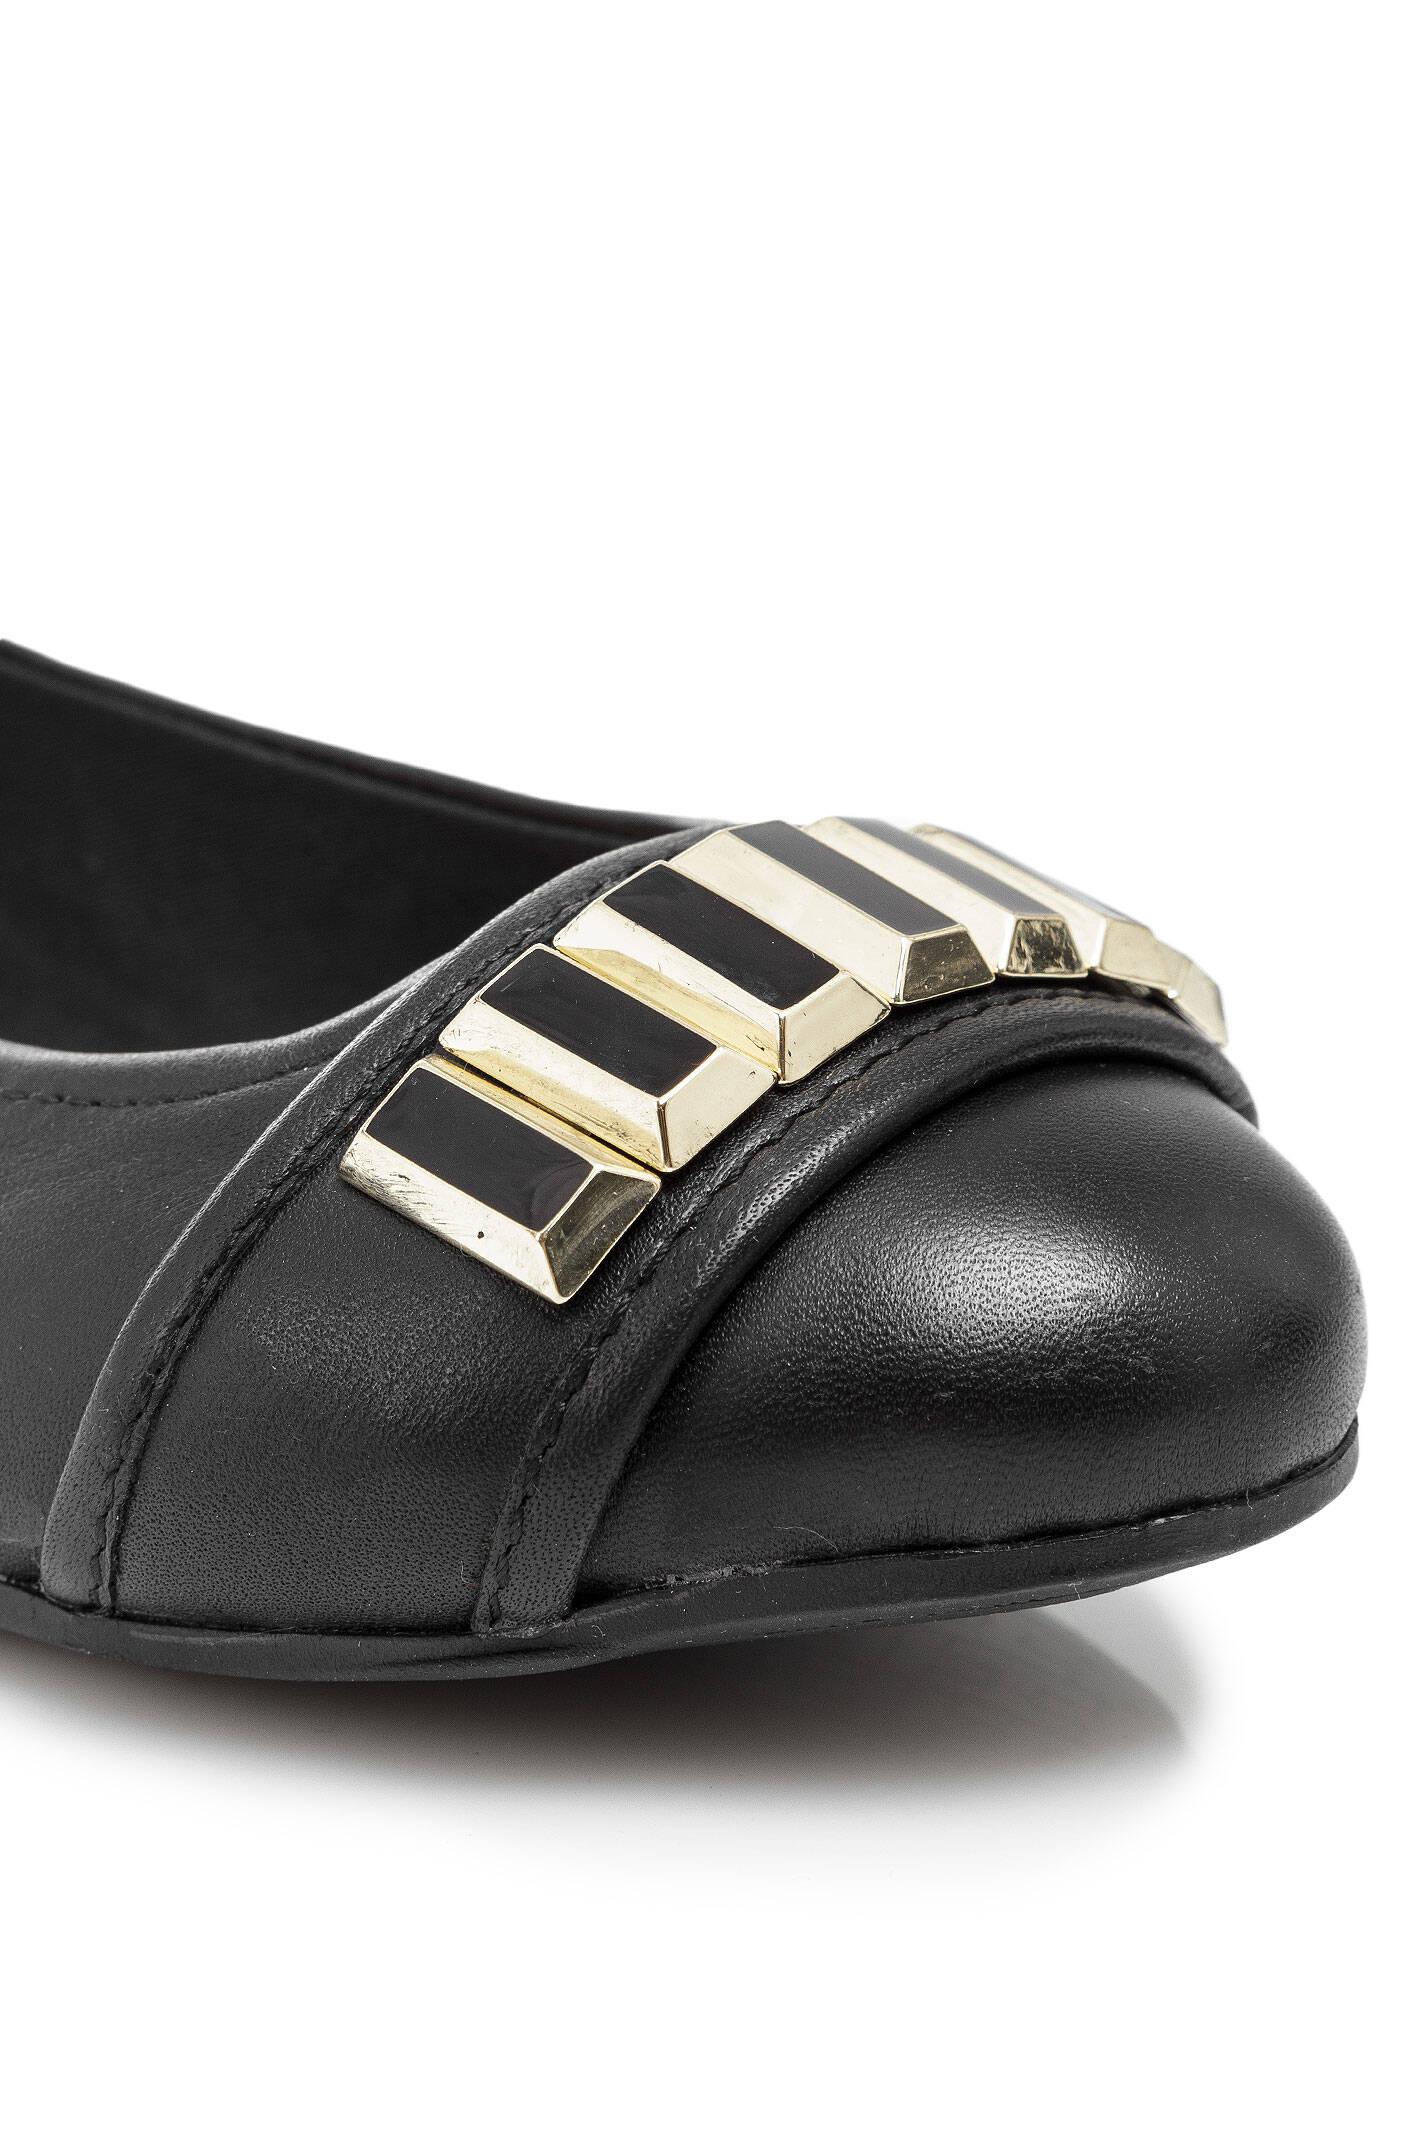 amy 36a ballerinas tommy hilfiger black shoes. Black Bedroom Furniture Sets. Home Design Ideas